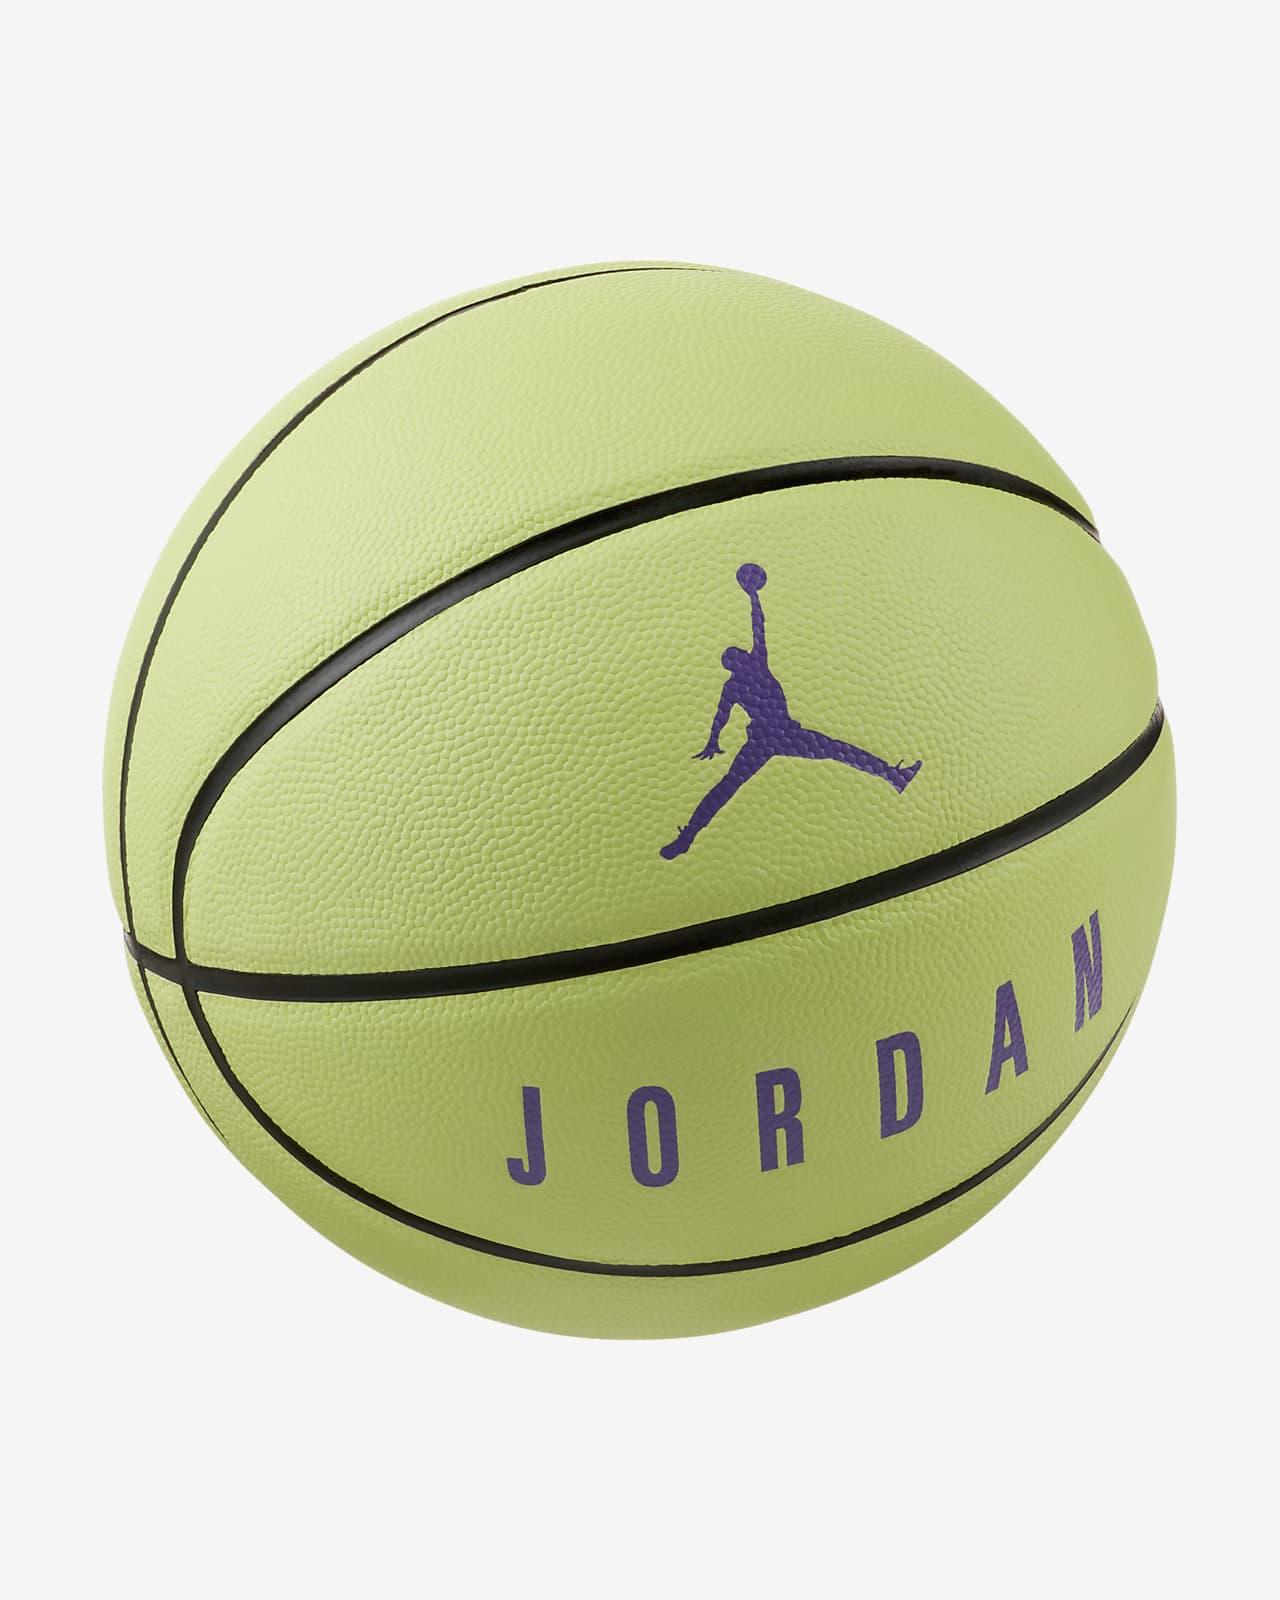 Jordan Ultimate 8P Basketbal